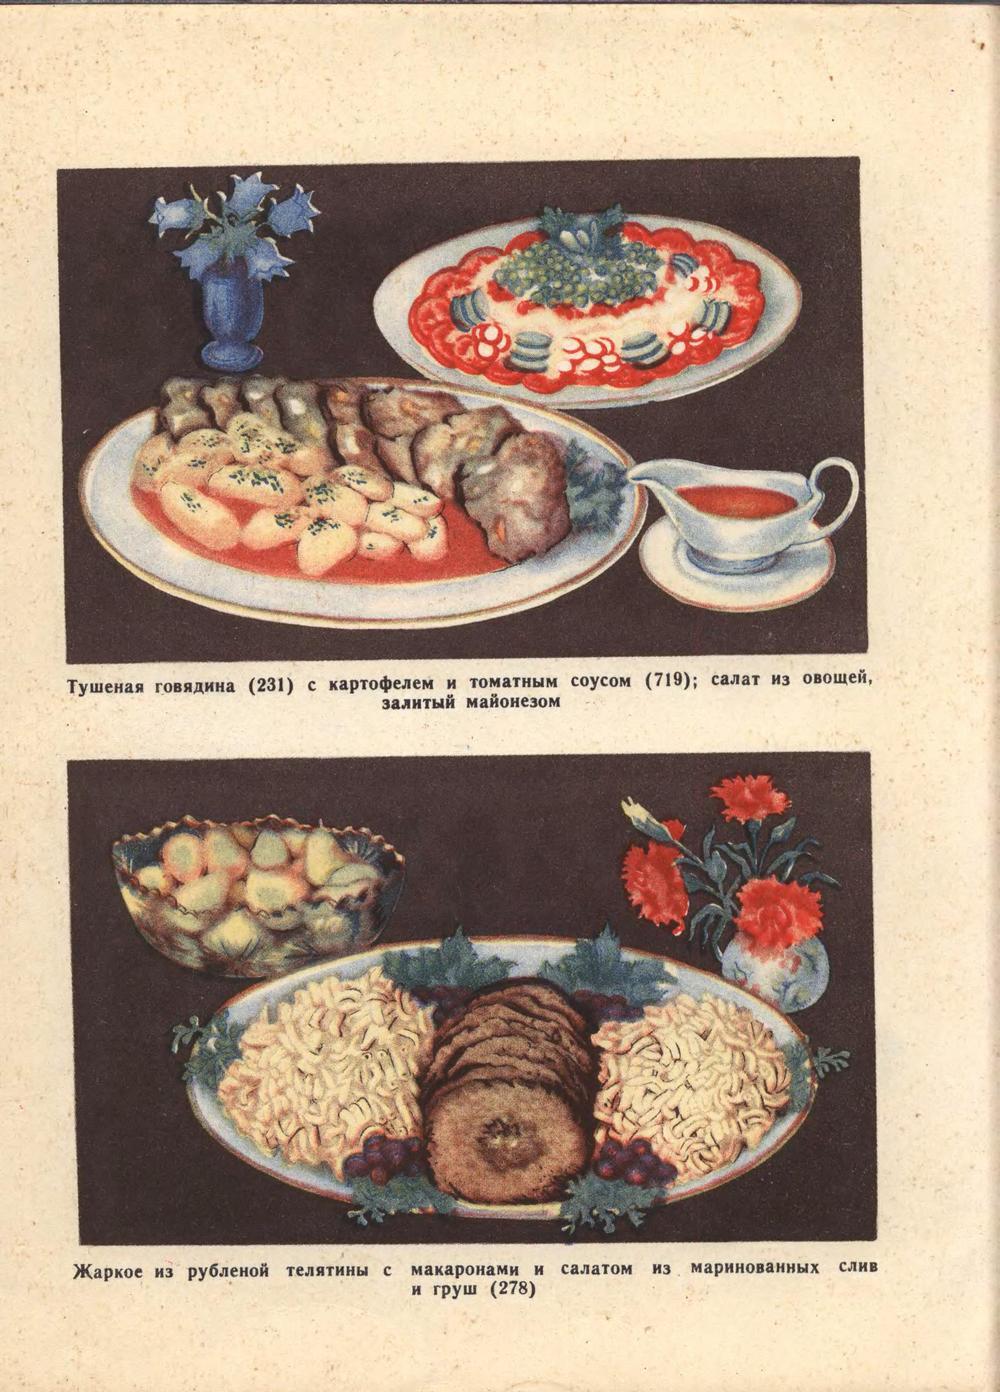 1000 вкусных блюд 1959 купить на алибе Тао или